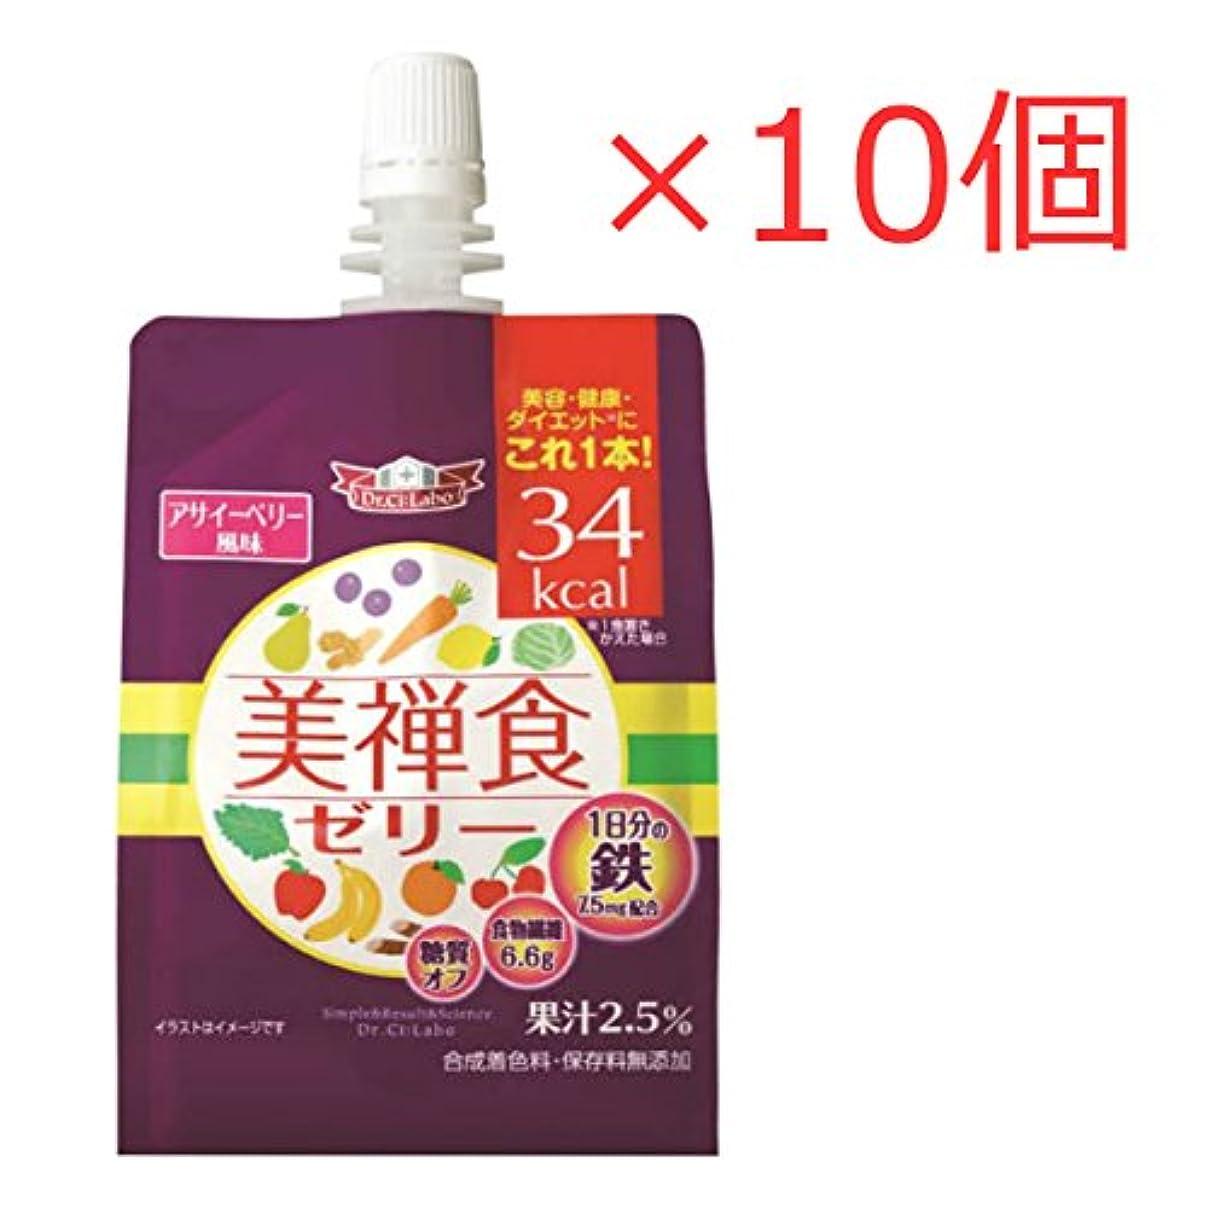 豪華な知覚する含意ドクターシーラボ 美禅食ゼリー (アサイーベリー風味) 200g×10個セット